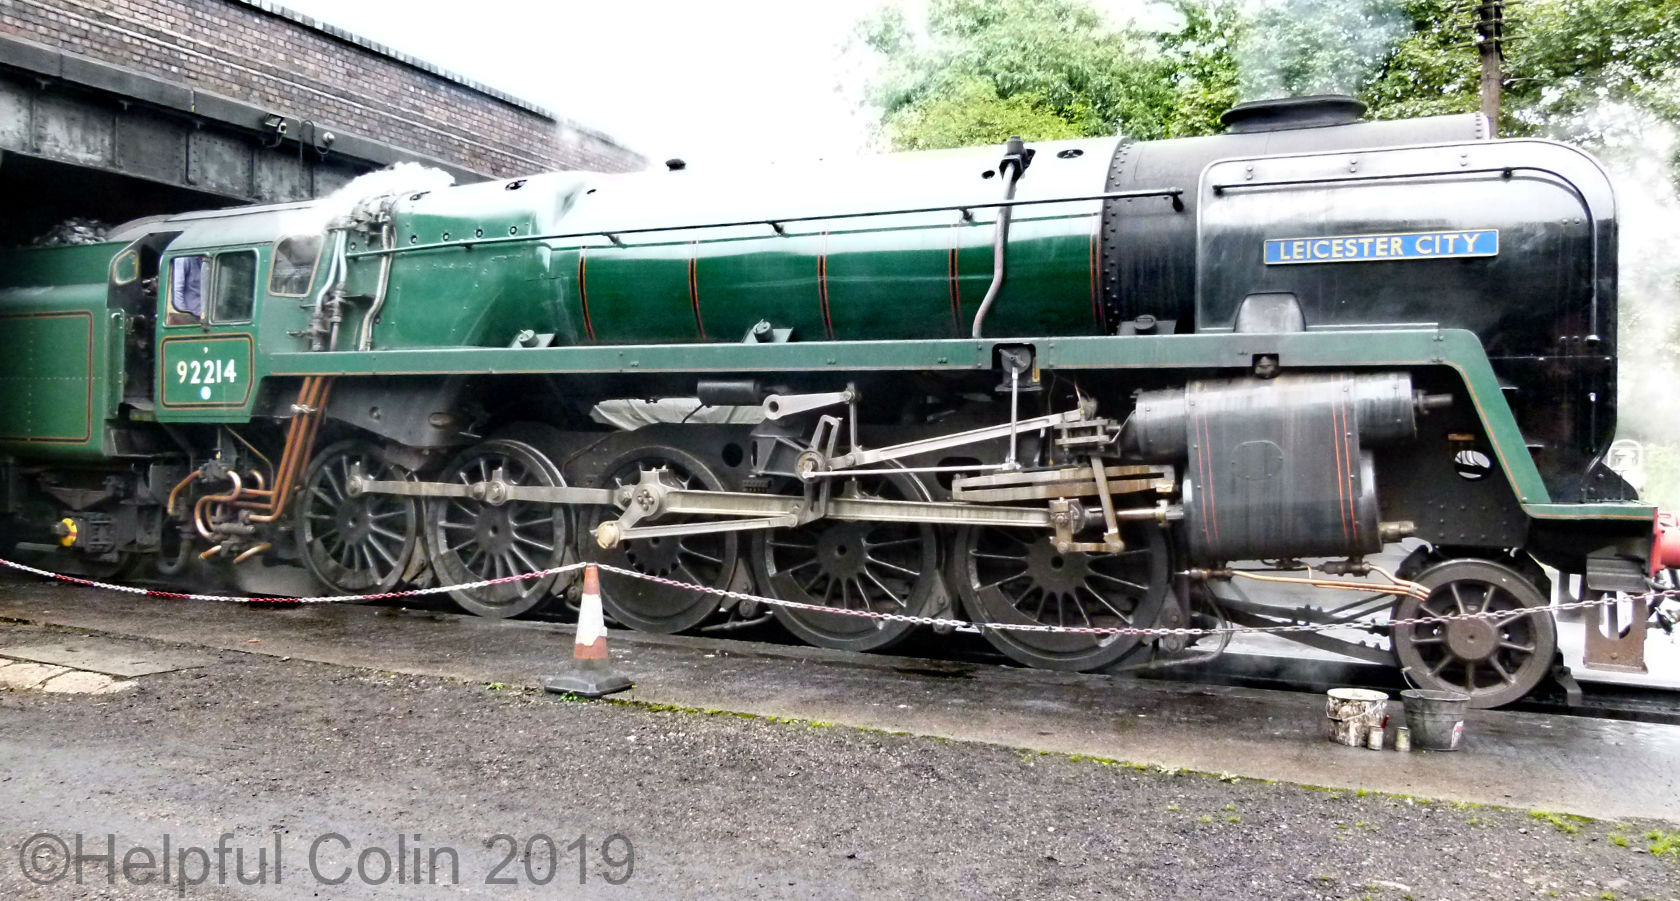 92214 autumn steam gala 2019